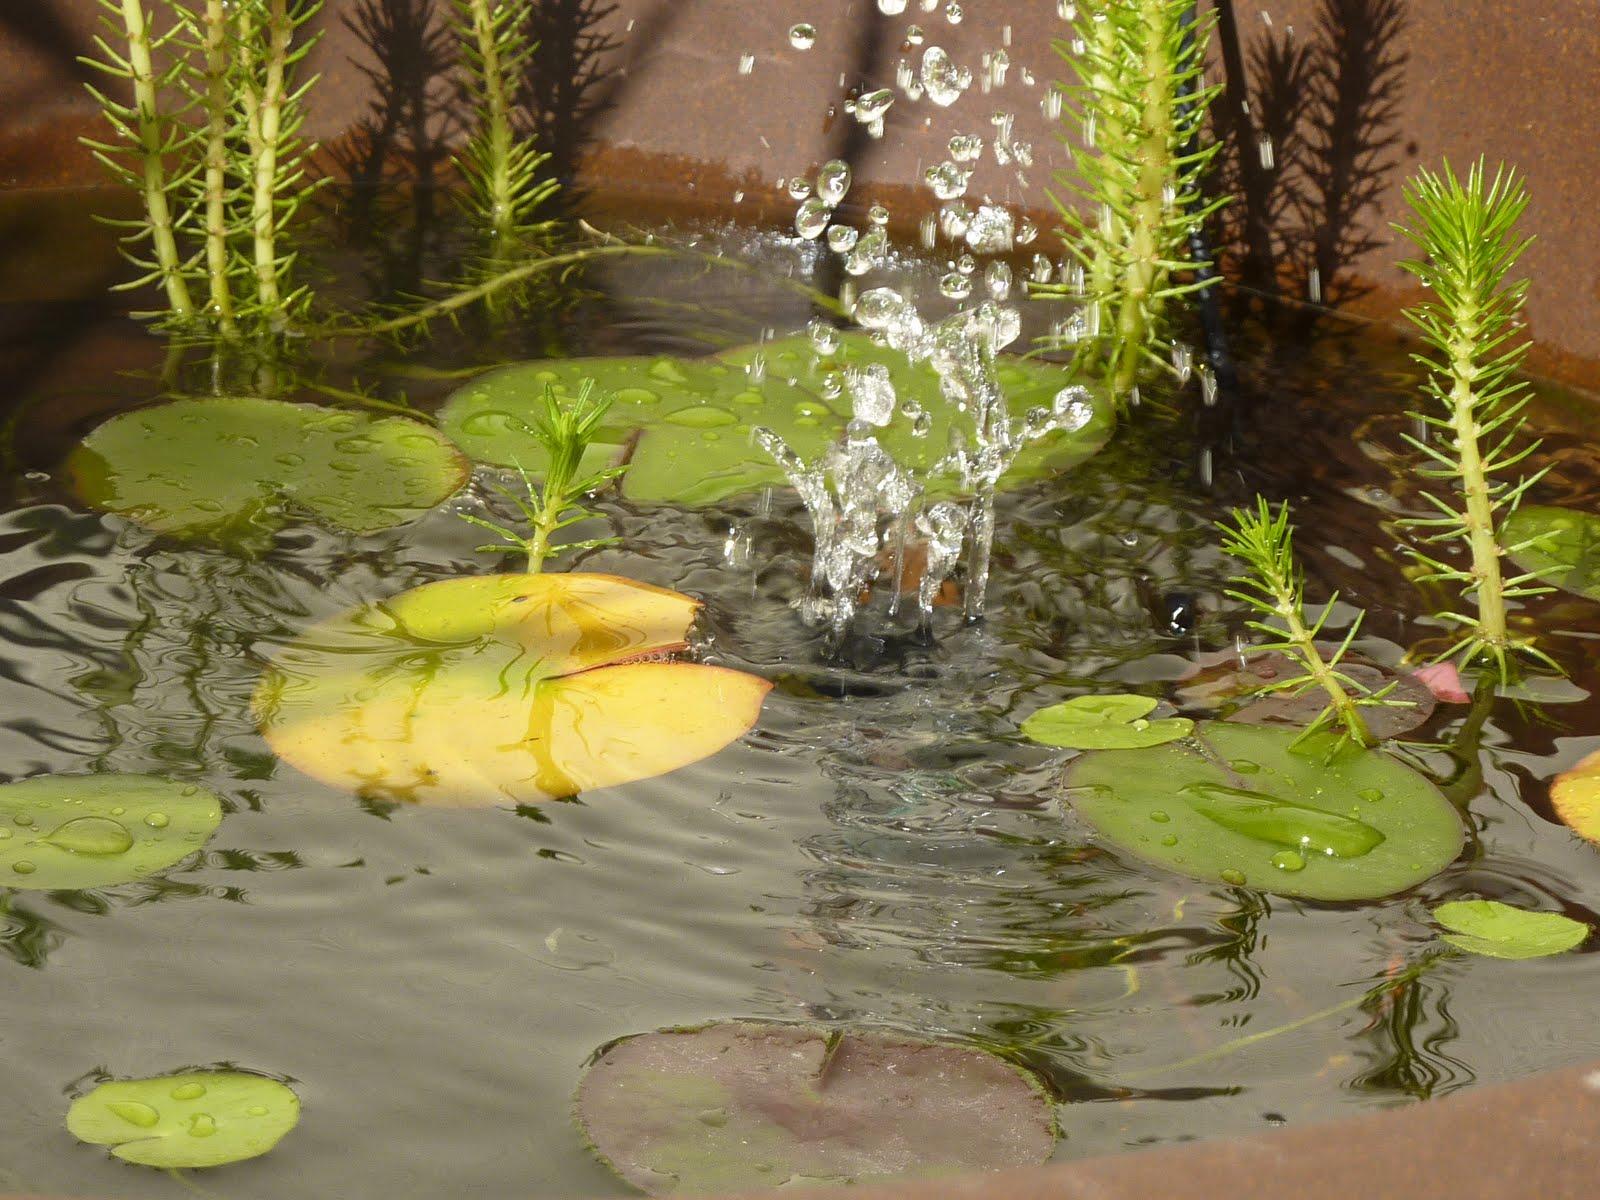 Diy Fabriquer Un Mini Bassin Aquatique Initiales Gg